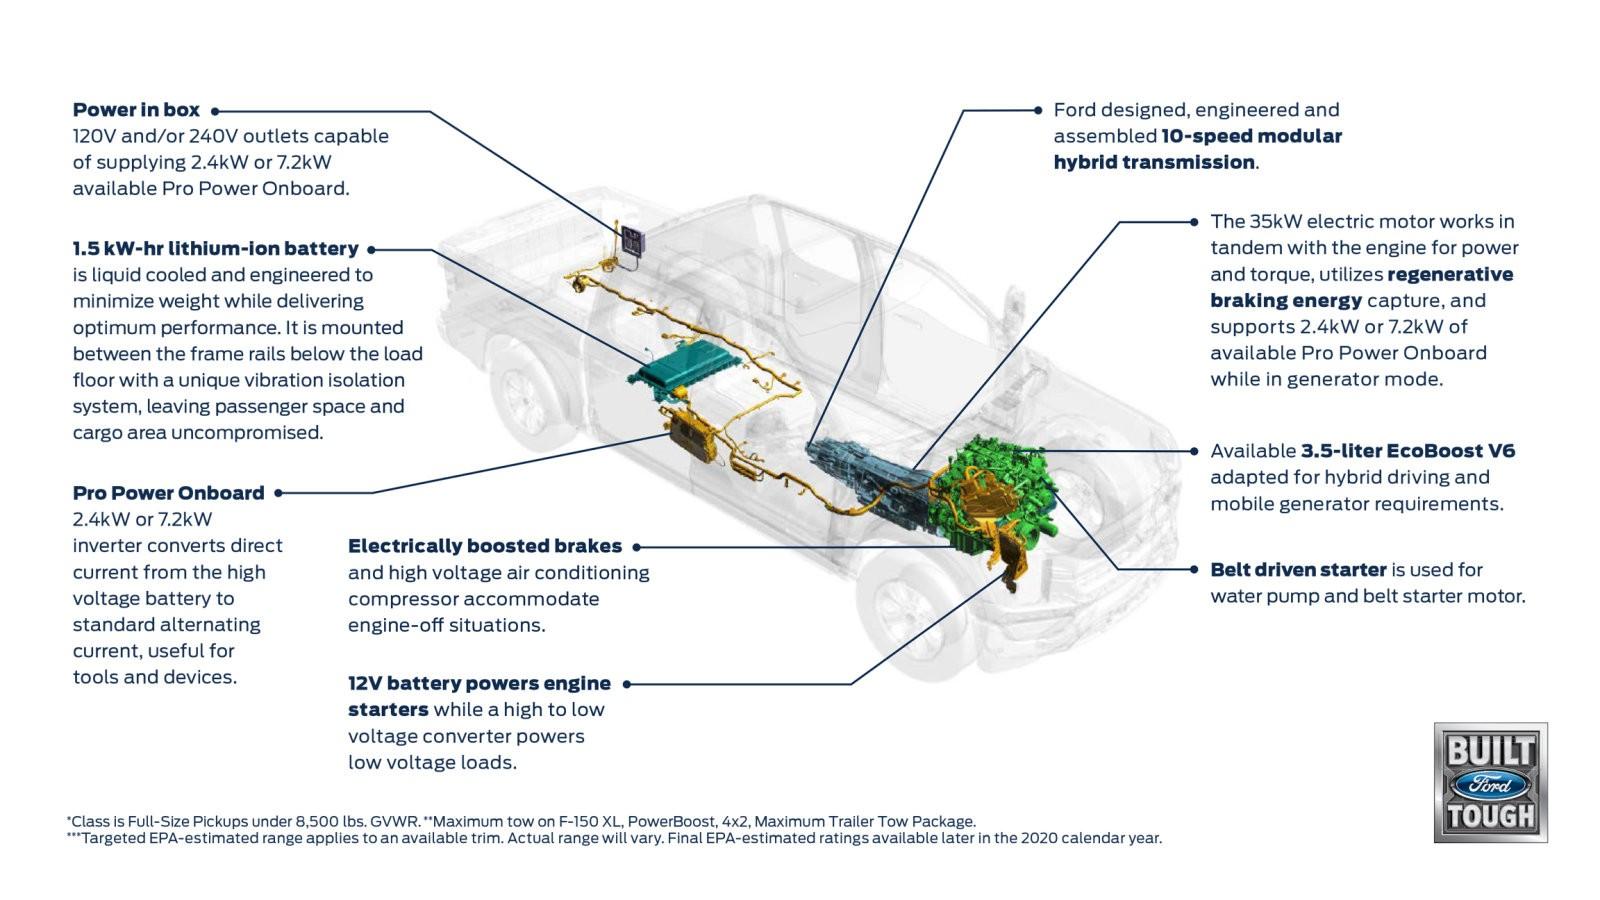 Новый Ford F-150: автопилот, большой экран, 11 решёток на выбор и гибридная версия